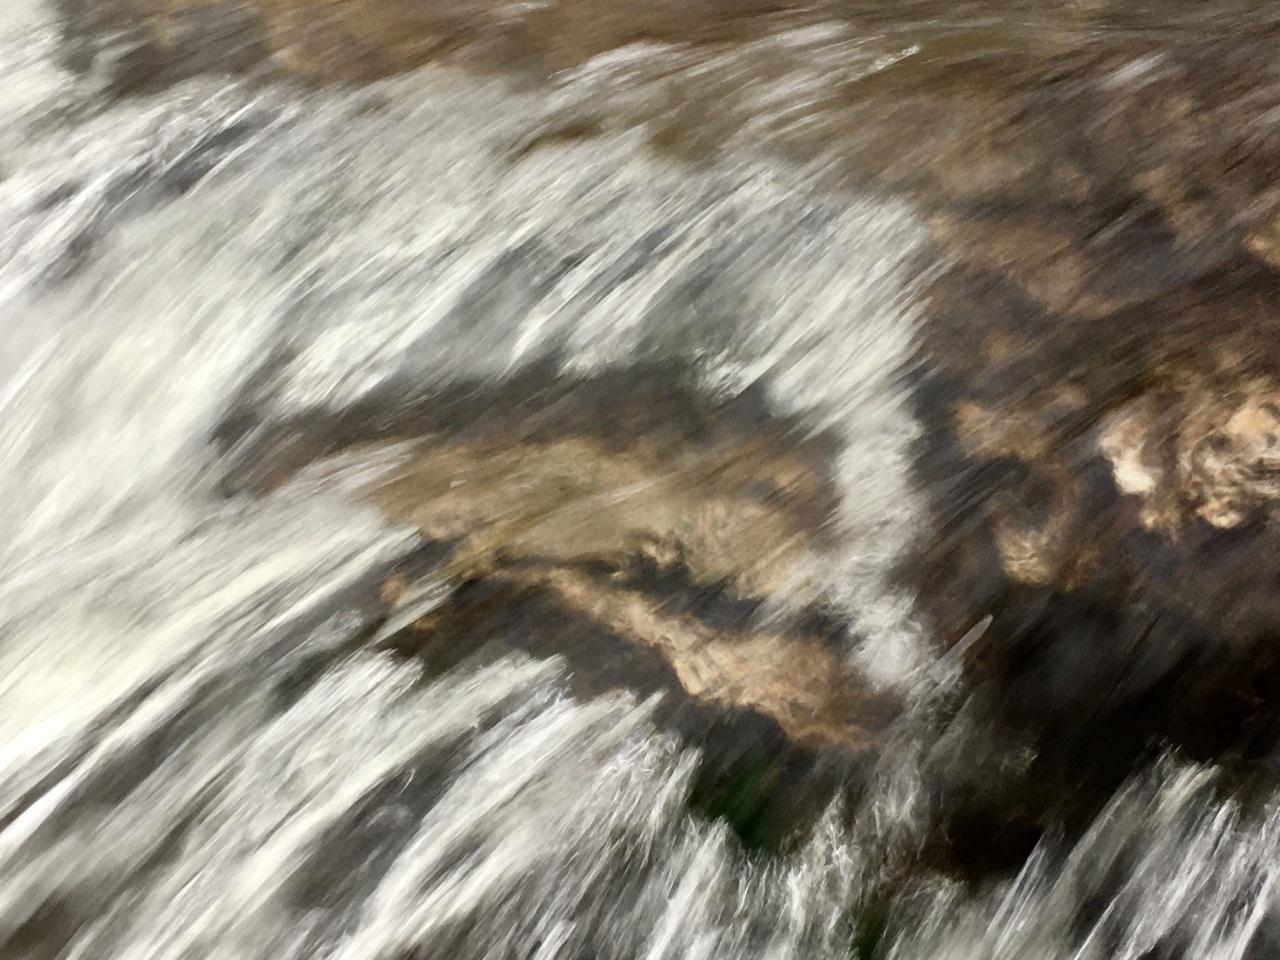 Slo-mo Mountain Flow